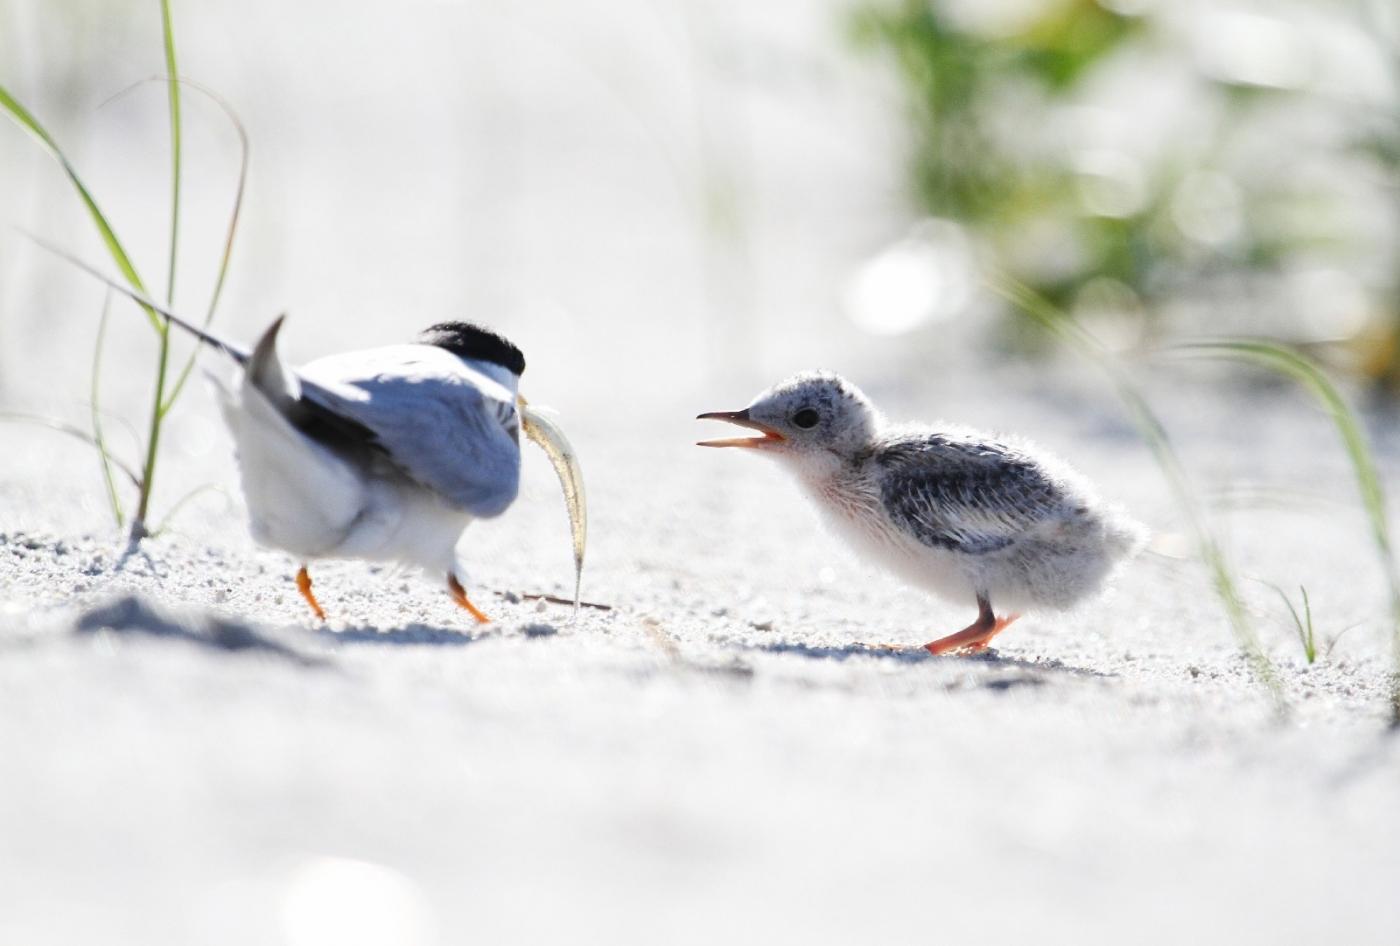 【田螺摄影】黄嘴燕鸥整个出生成长的过程_图1-2